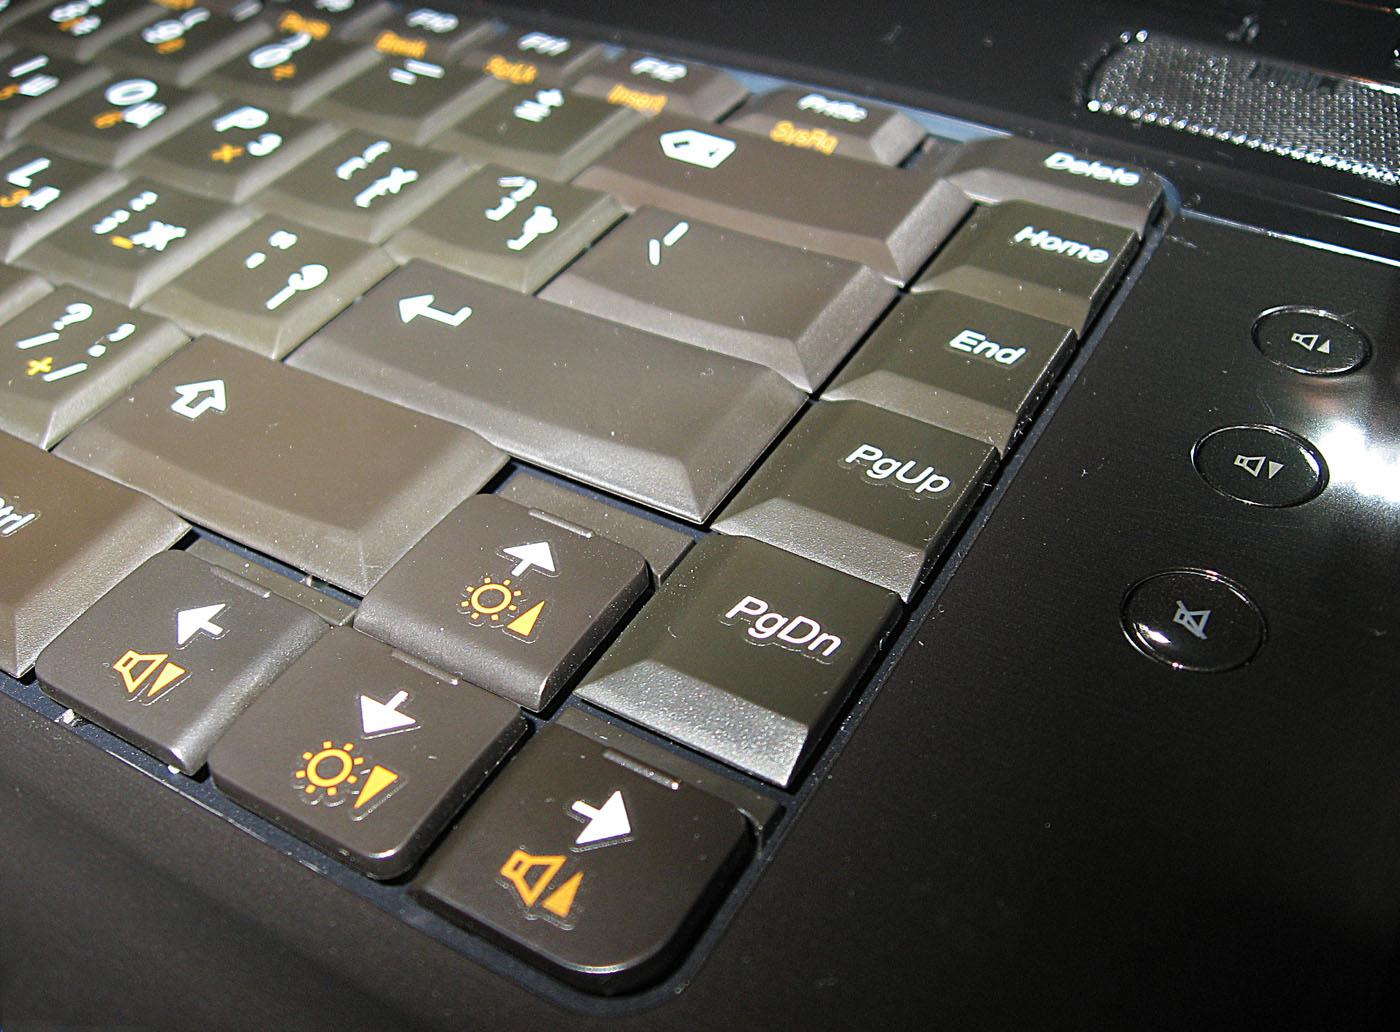 ...блока, Home/End/PgUp/PgDown, как мы уже отмечали, выстроились вертикальной линией в правой части клавиатуры.